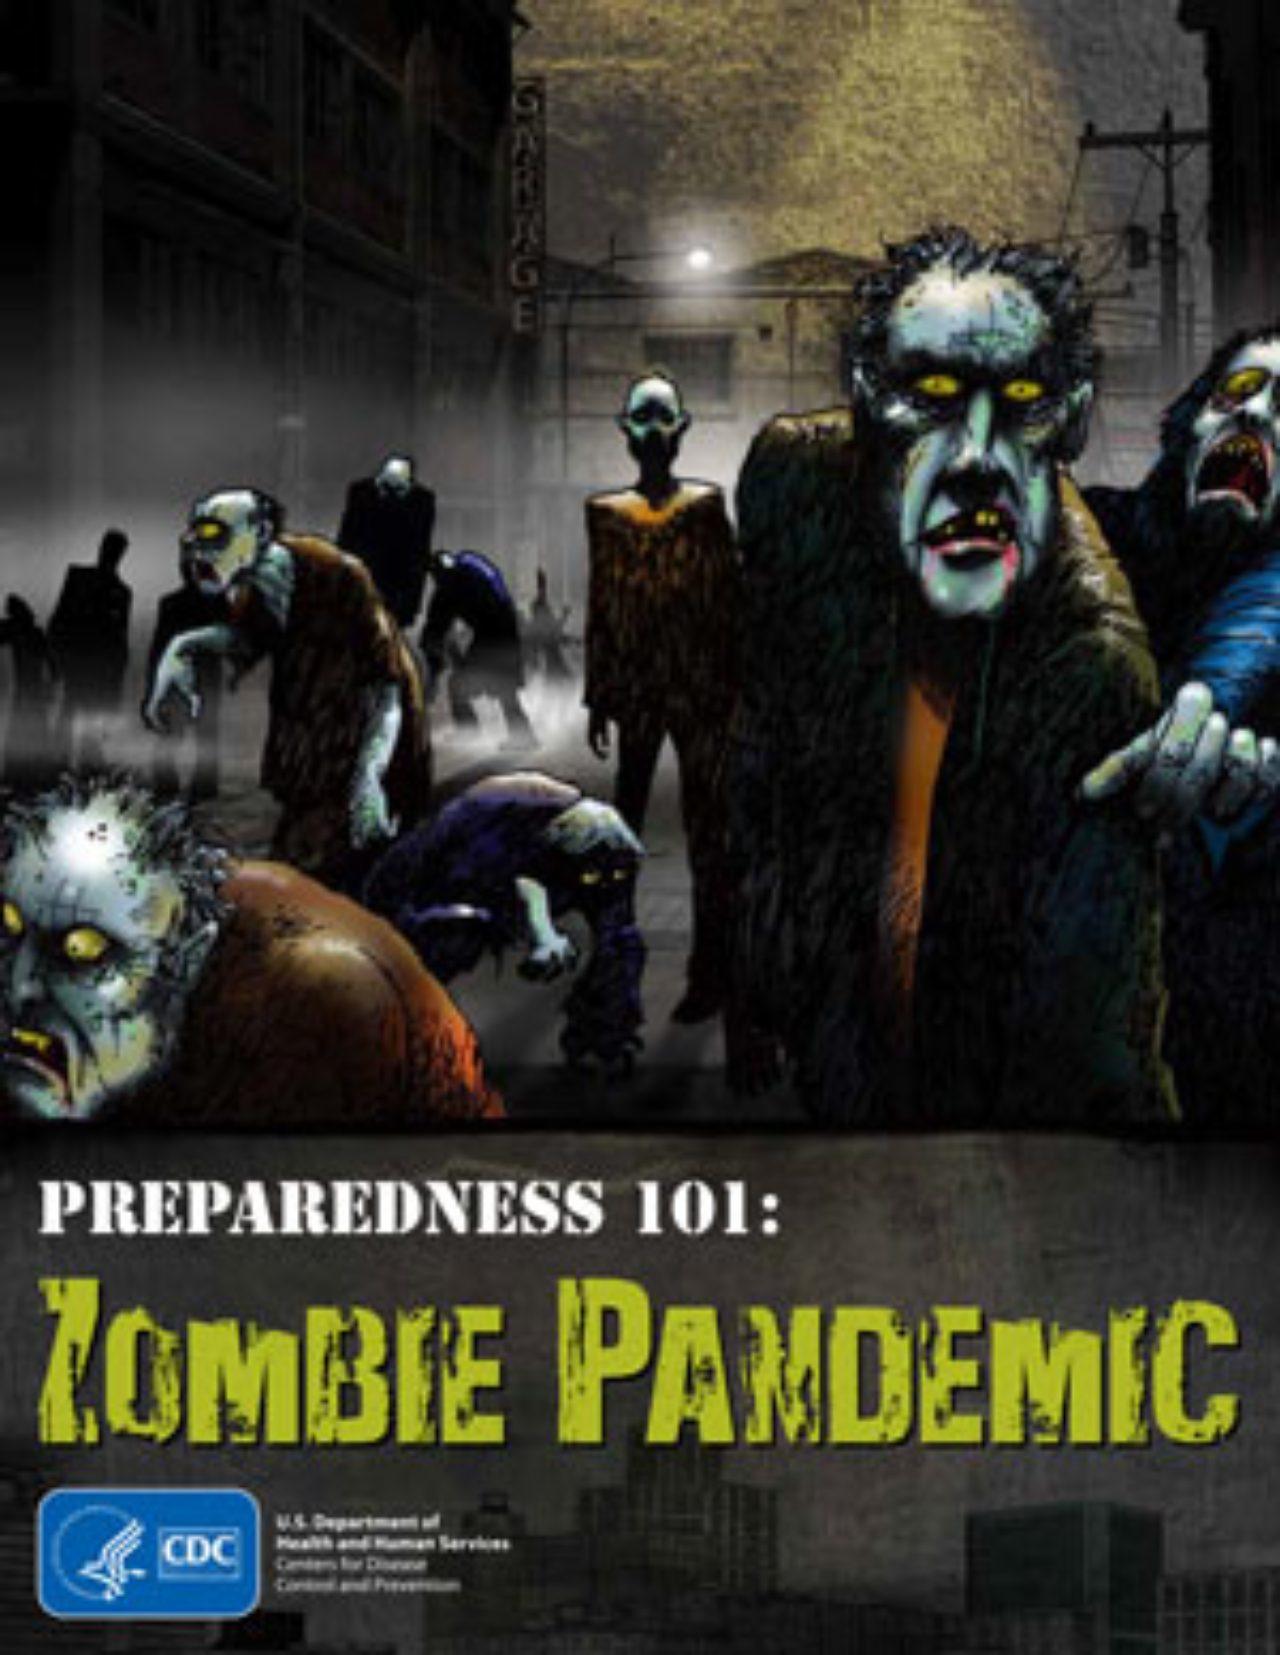 Publicidad de CDC para sobrevivir a un apocalipsis zombie